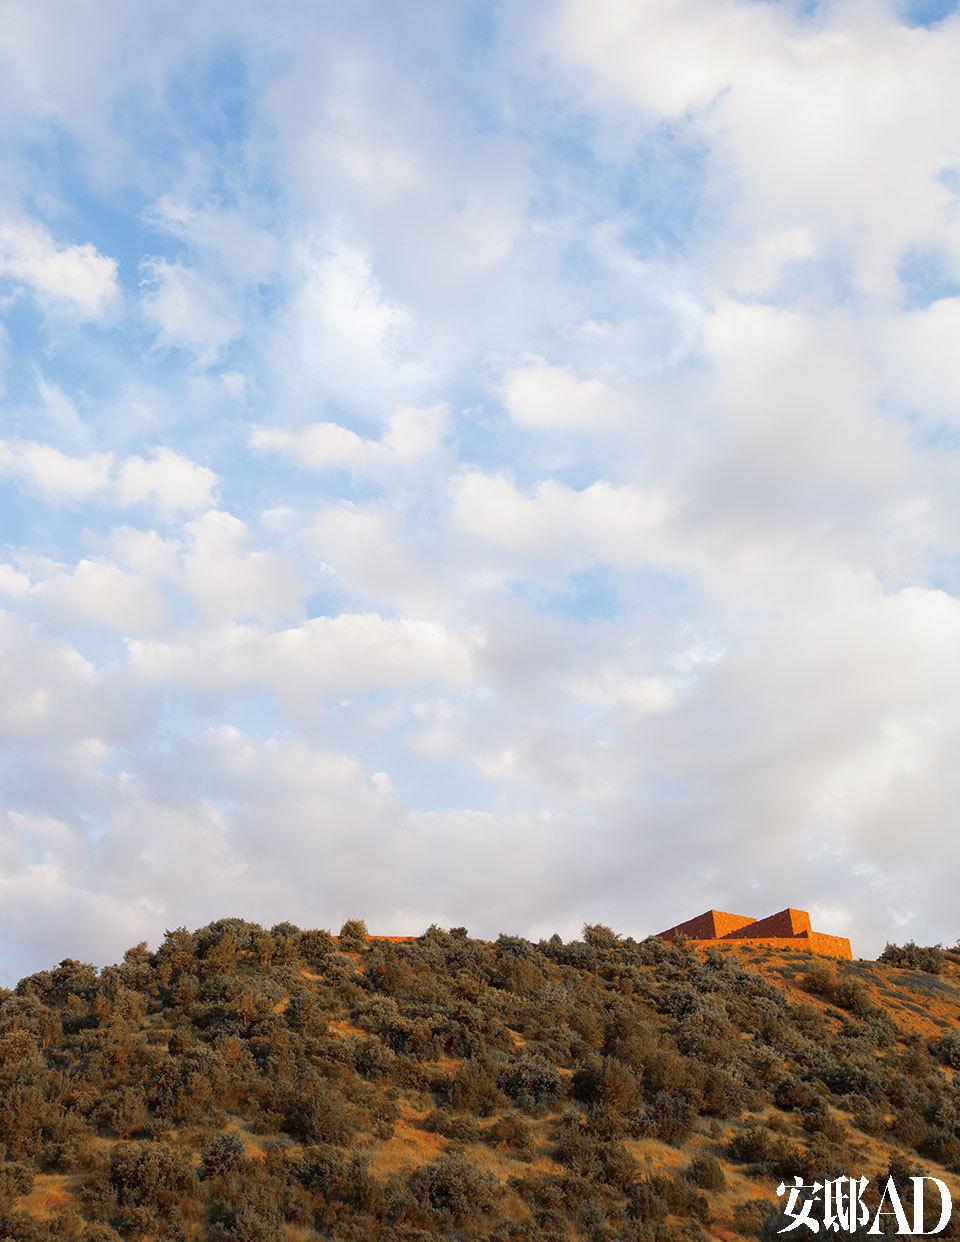 这座红砖建筑坐落在阿特拉斯山脉的Ourika山上,离Toubkal国家森林公园很近。